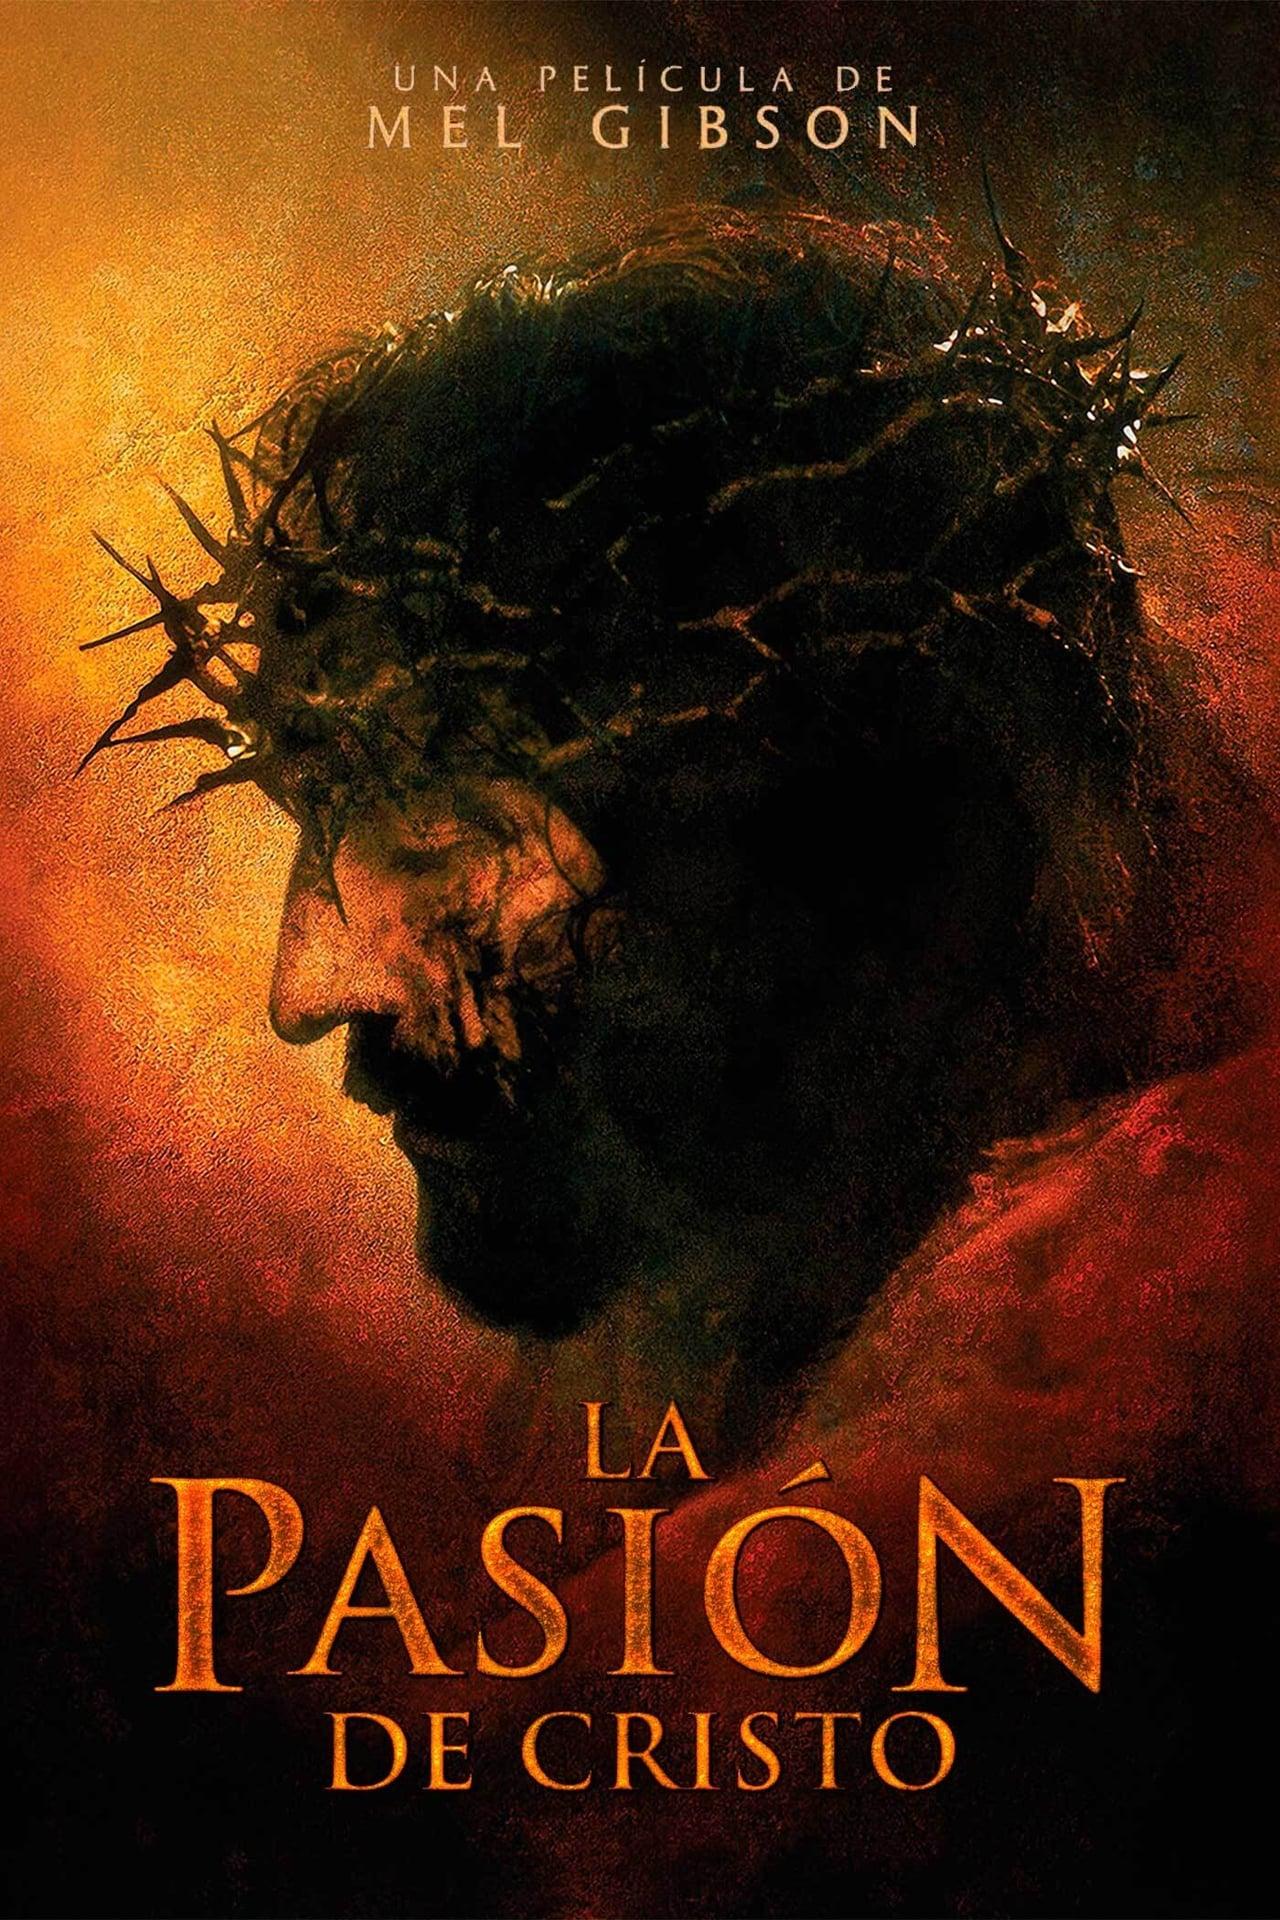 LA PASIÓN DE CRISTO (2004) FULL 1080P HD MKV ESPAÑOL LATINO